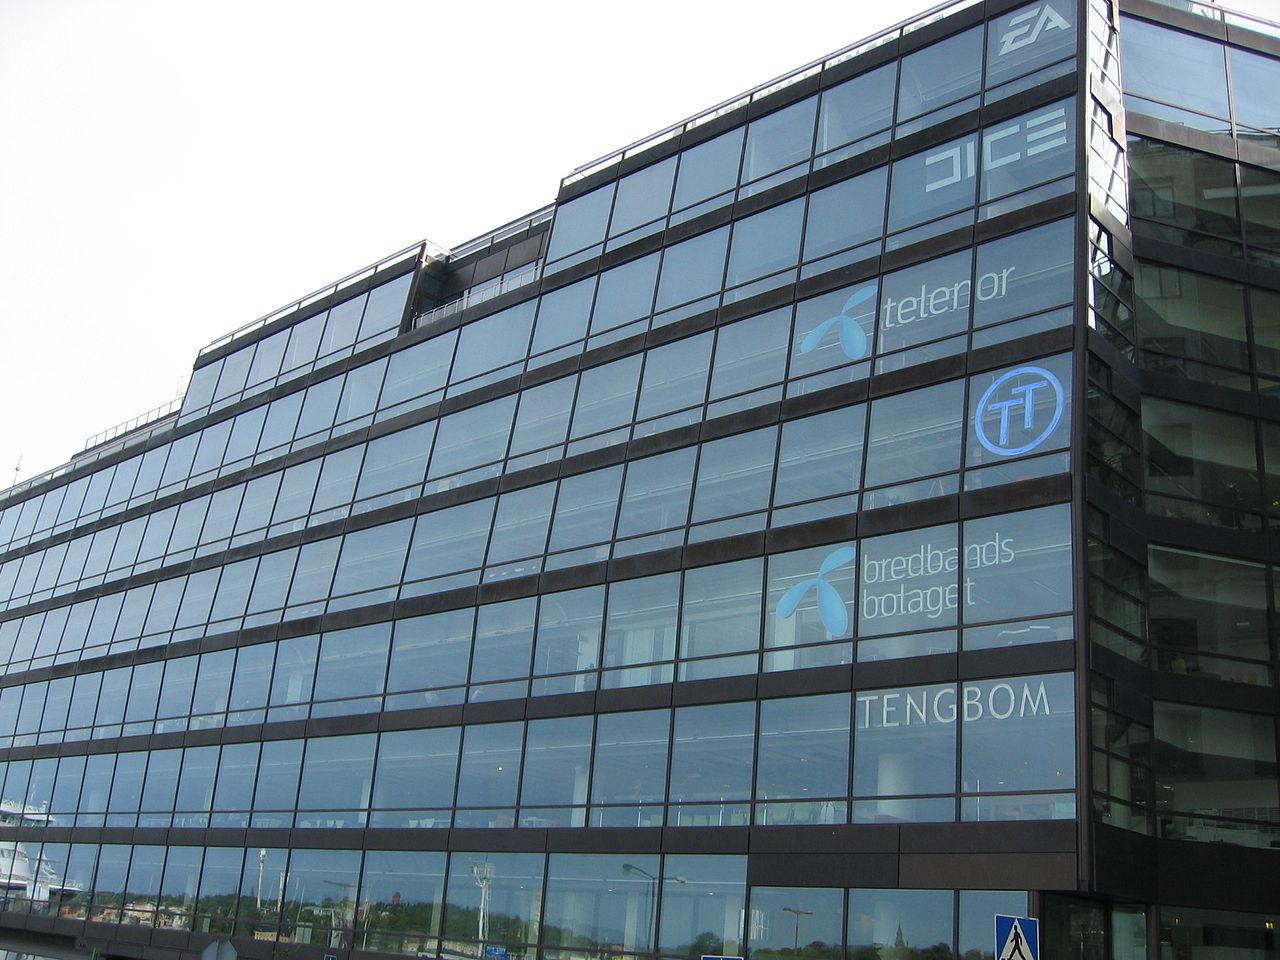 Bredbandsbolaget är nu Telenor